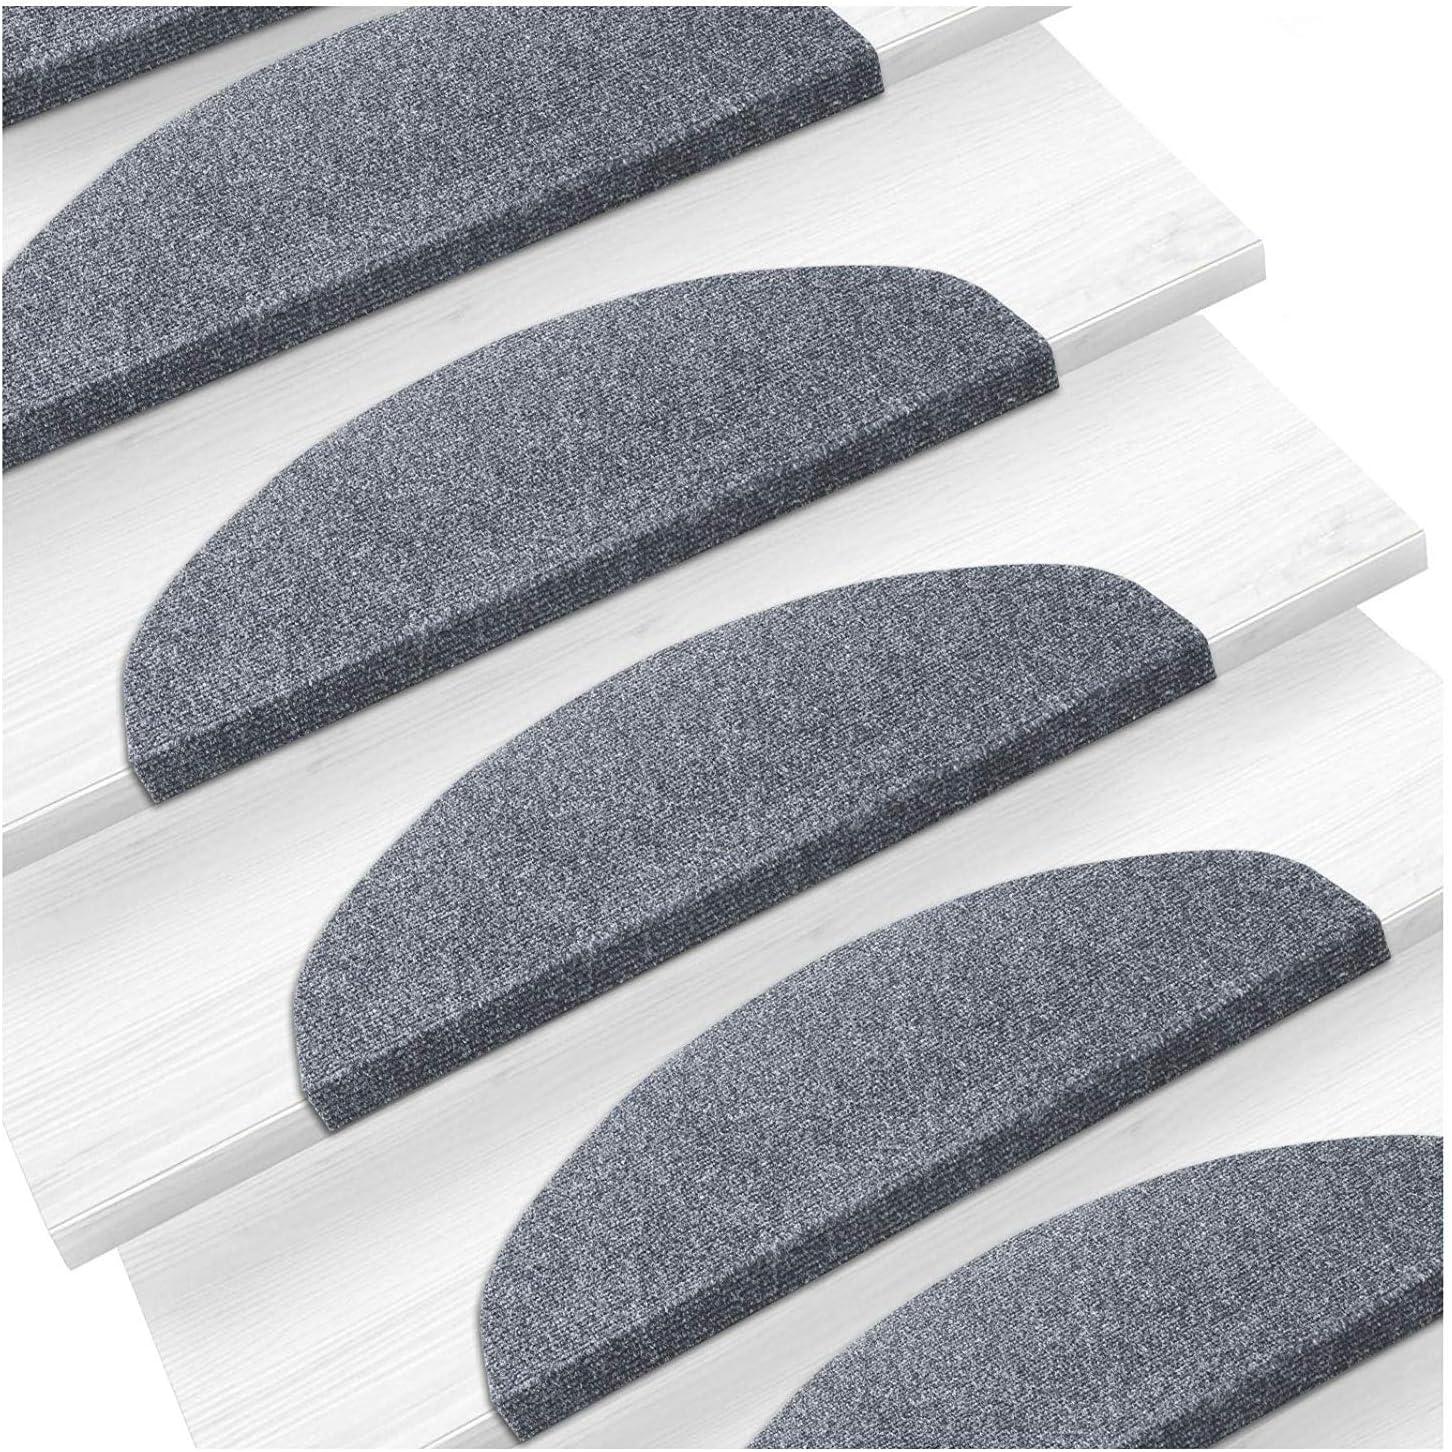 Couleur et Dimensions au Choix Confort /& s/écurit/é quantit/é Anthracite, 1 marchette Installation Facile et Rapide Marchettes descalier adh/ésives MadeInNature/®